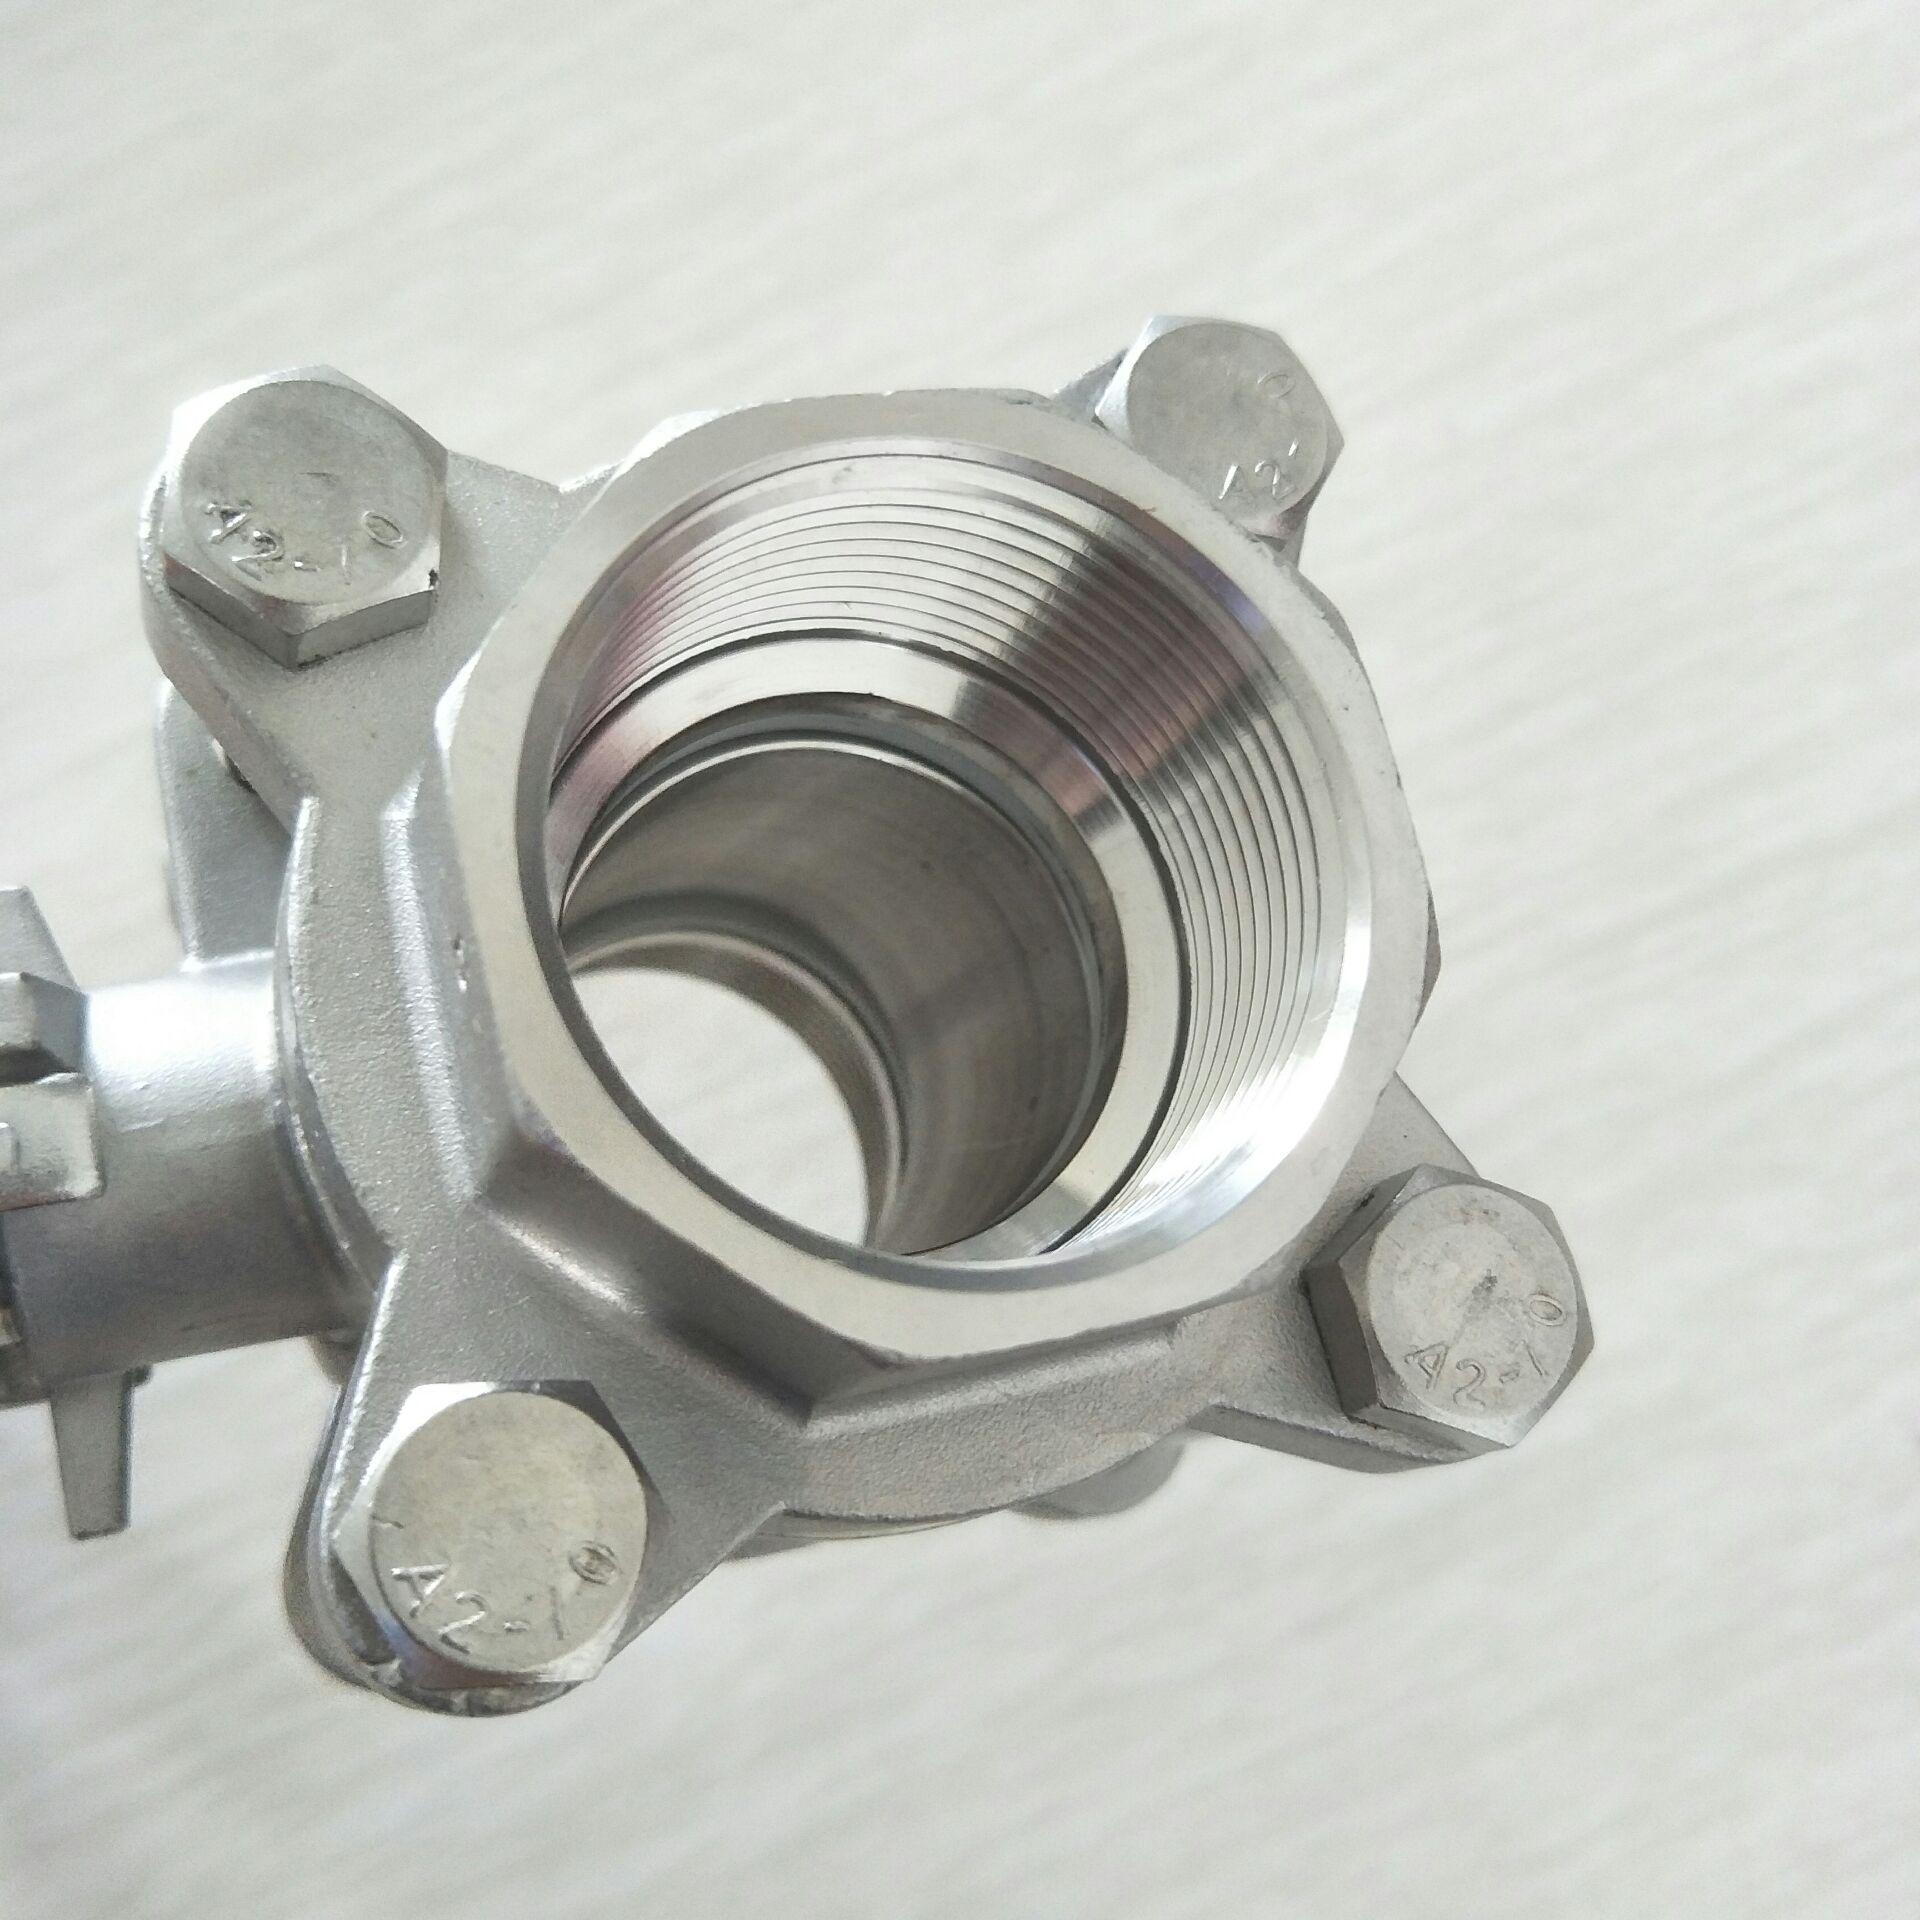 不锈钢三片式球阀 DN40 3PC球阀11/2寸810955112